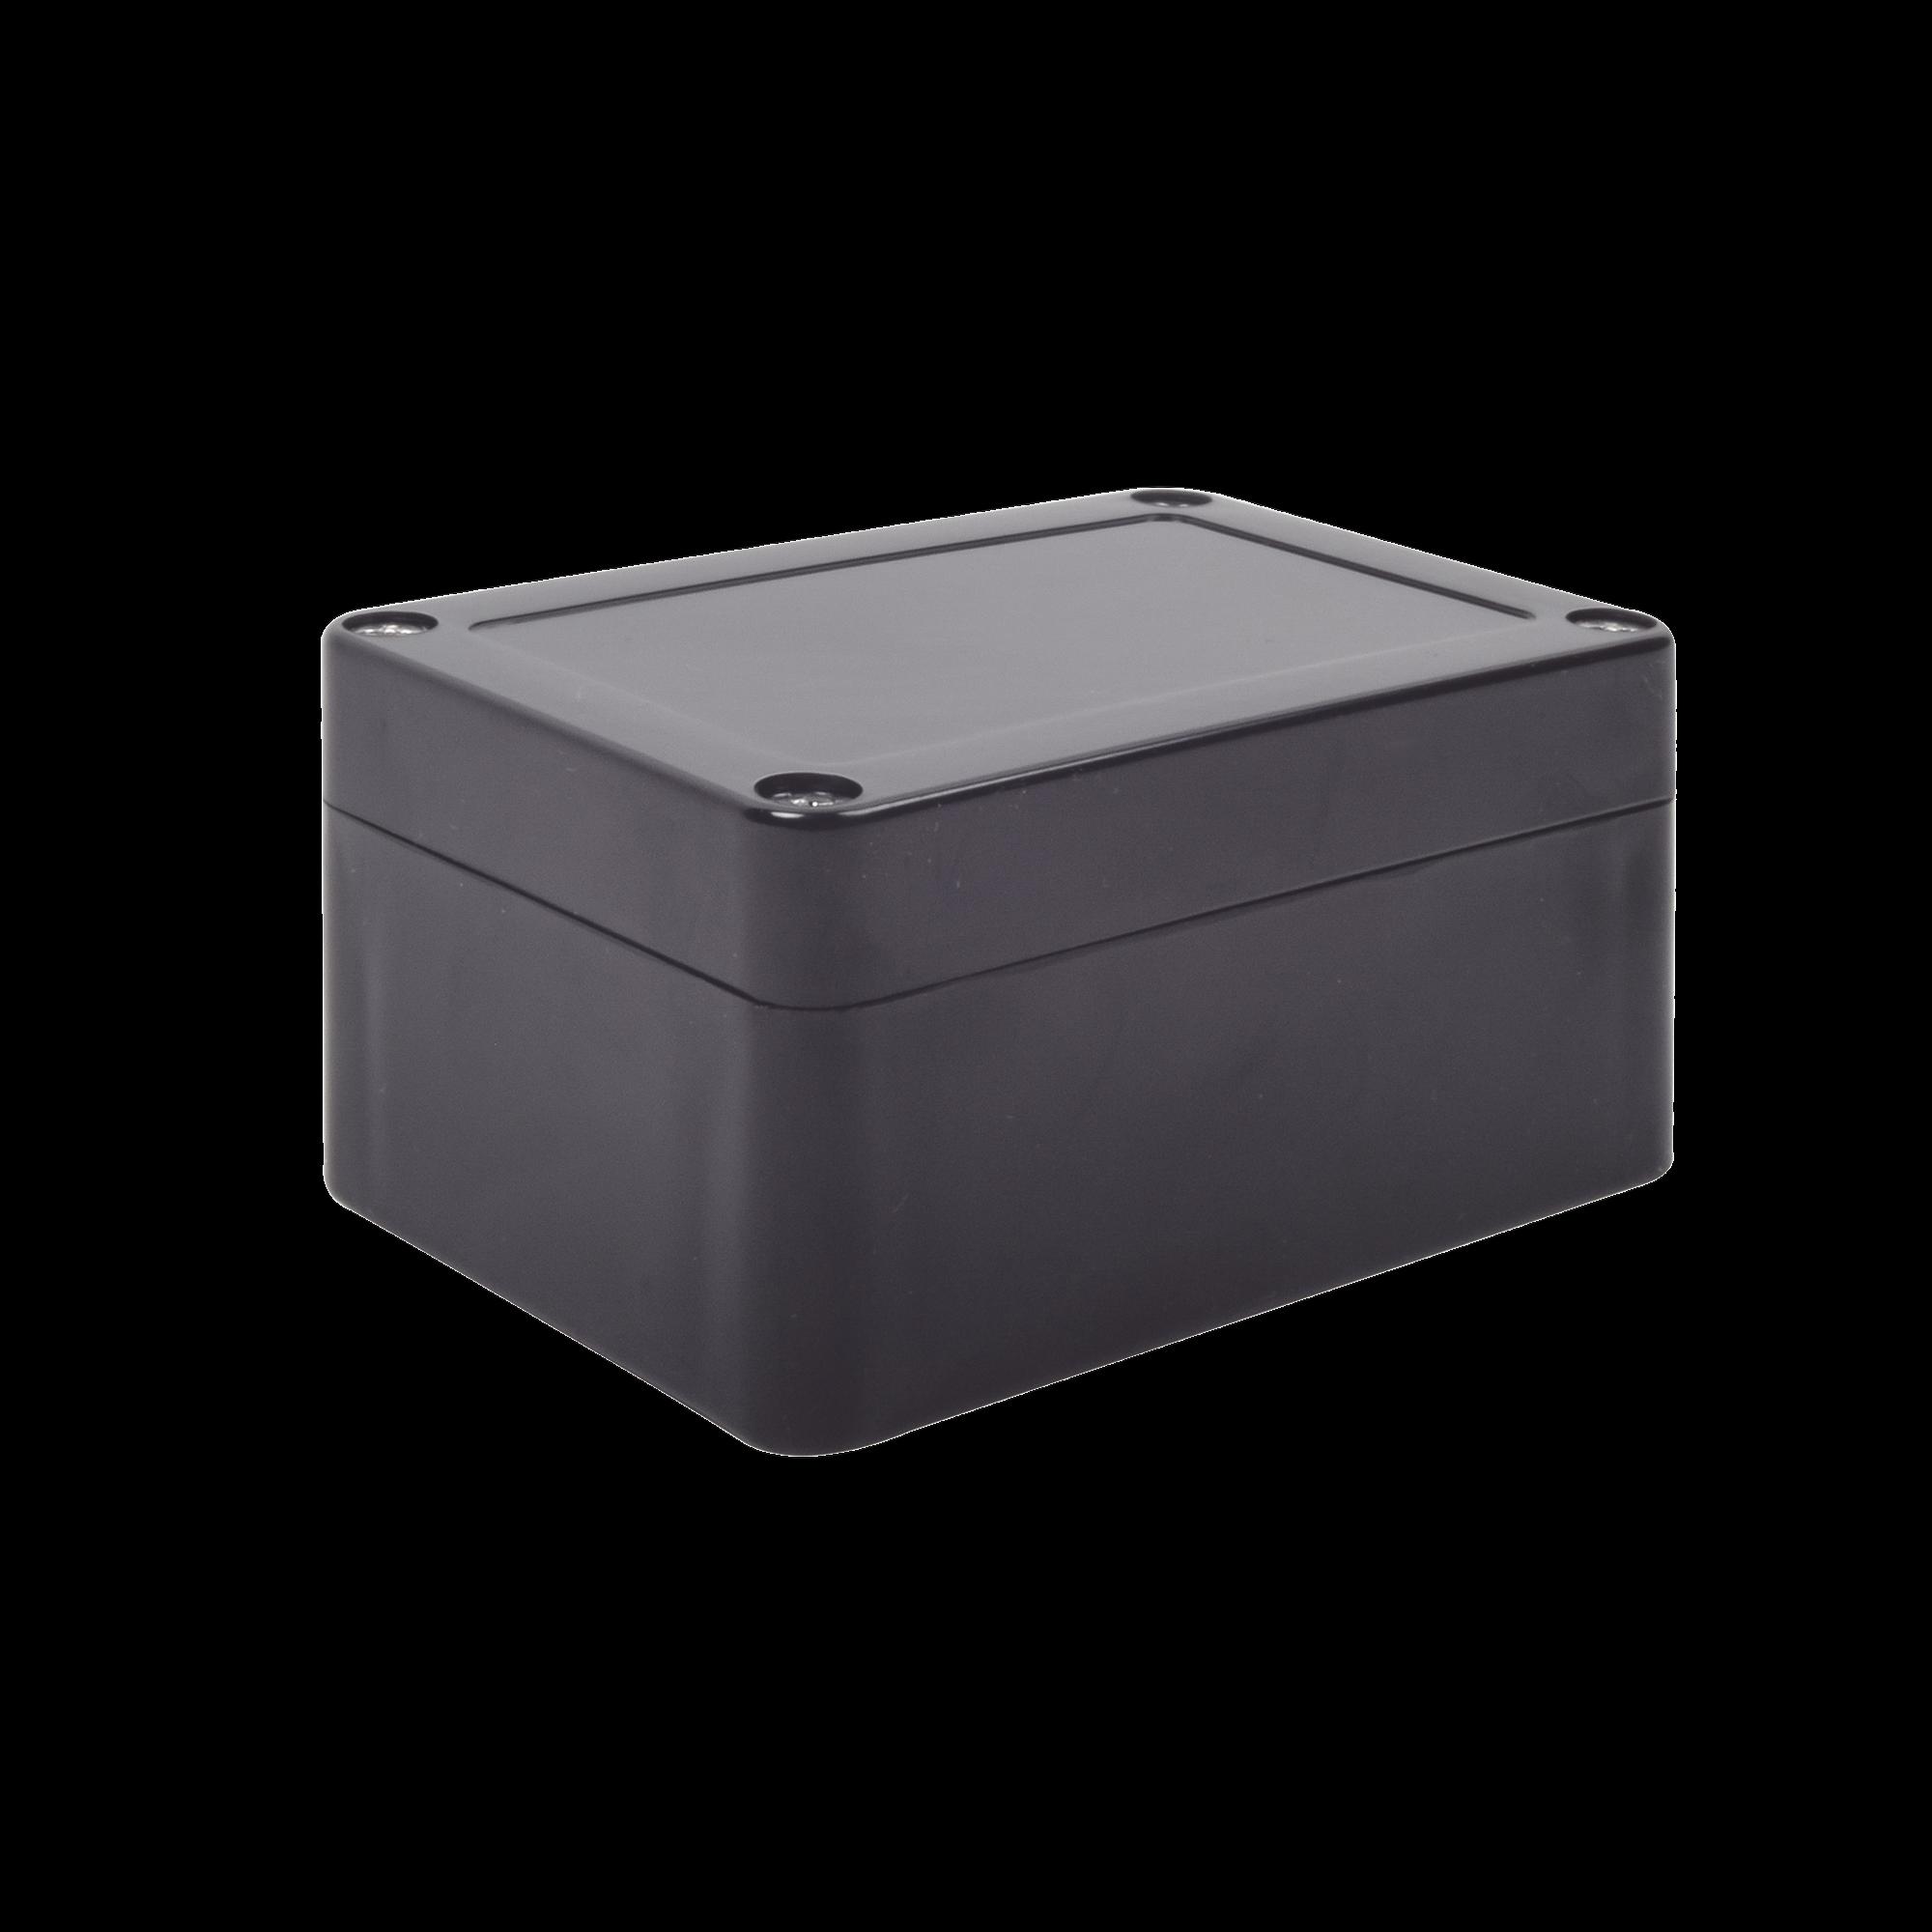 Gabinete Plástico Negro para Exterior (IP65) de 100 x 68 x 50 mm Cierre por Tornillos.